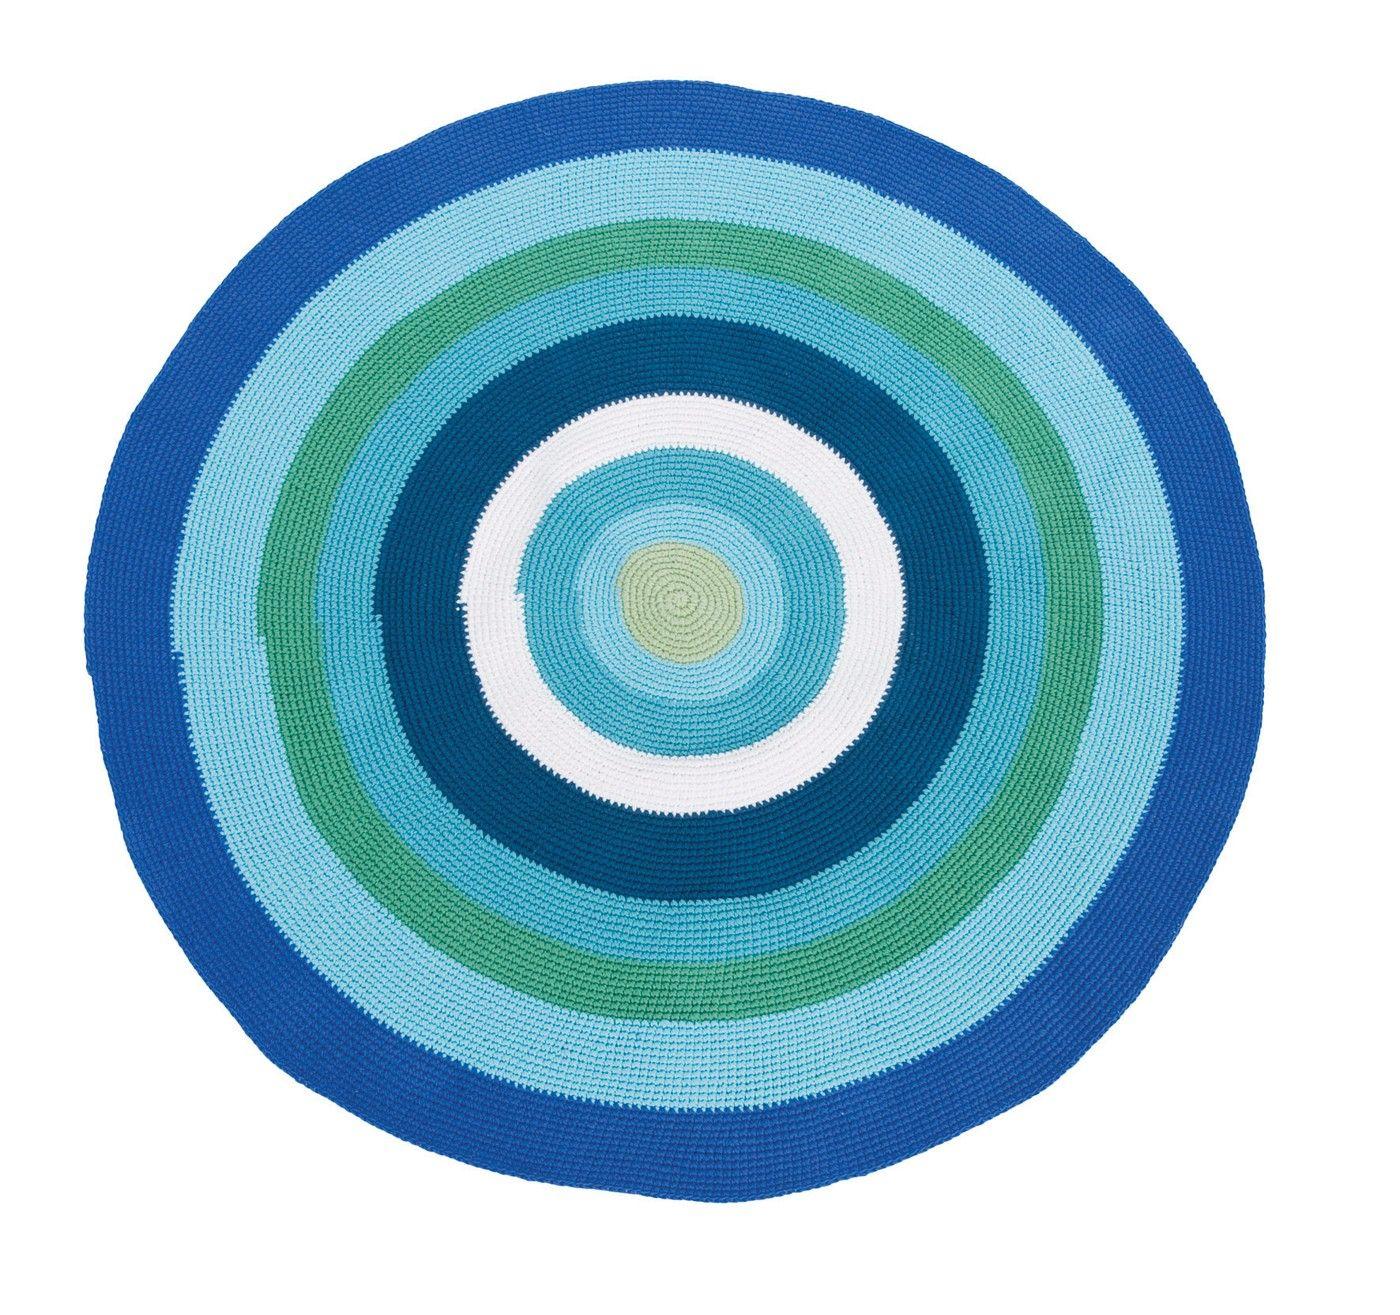 Vloerkleed Groen Blauw Top Blauw Hoogpolig Vloerkleed